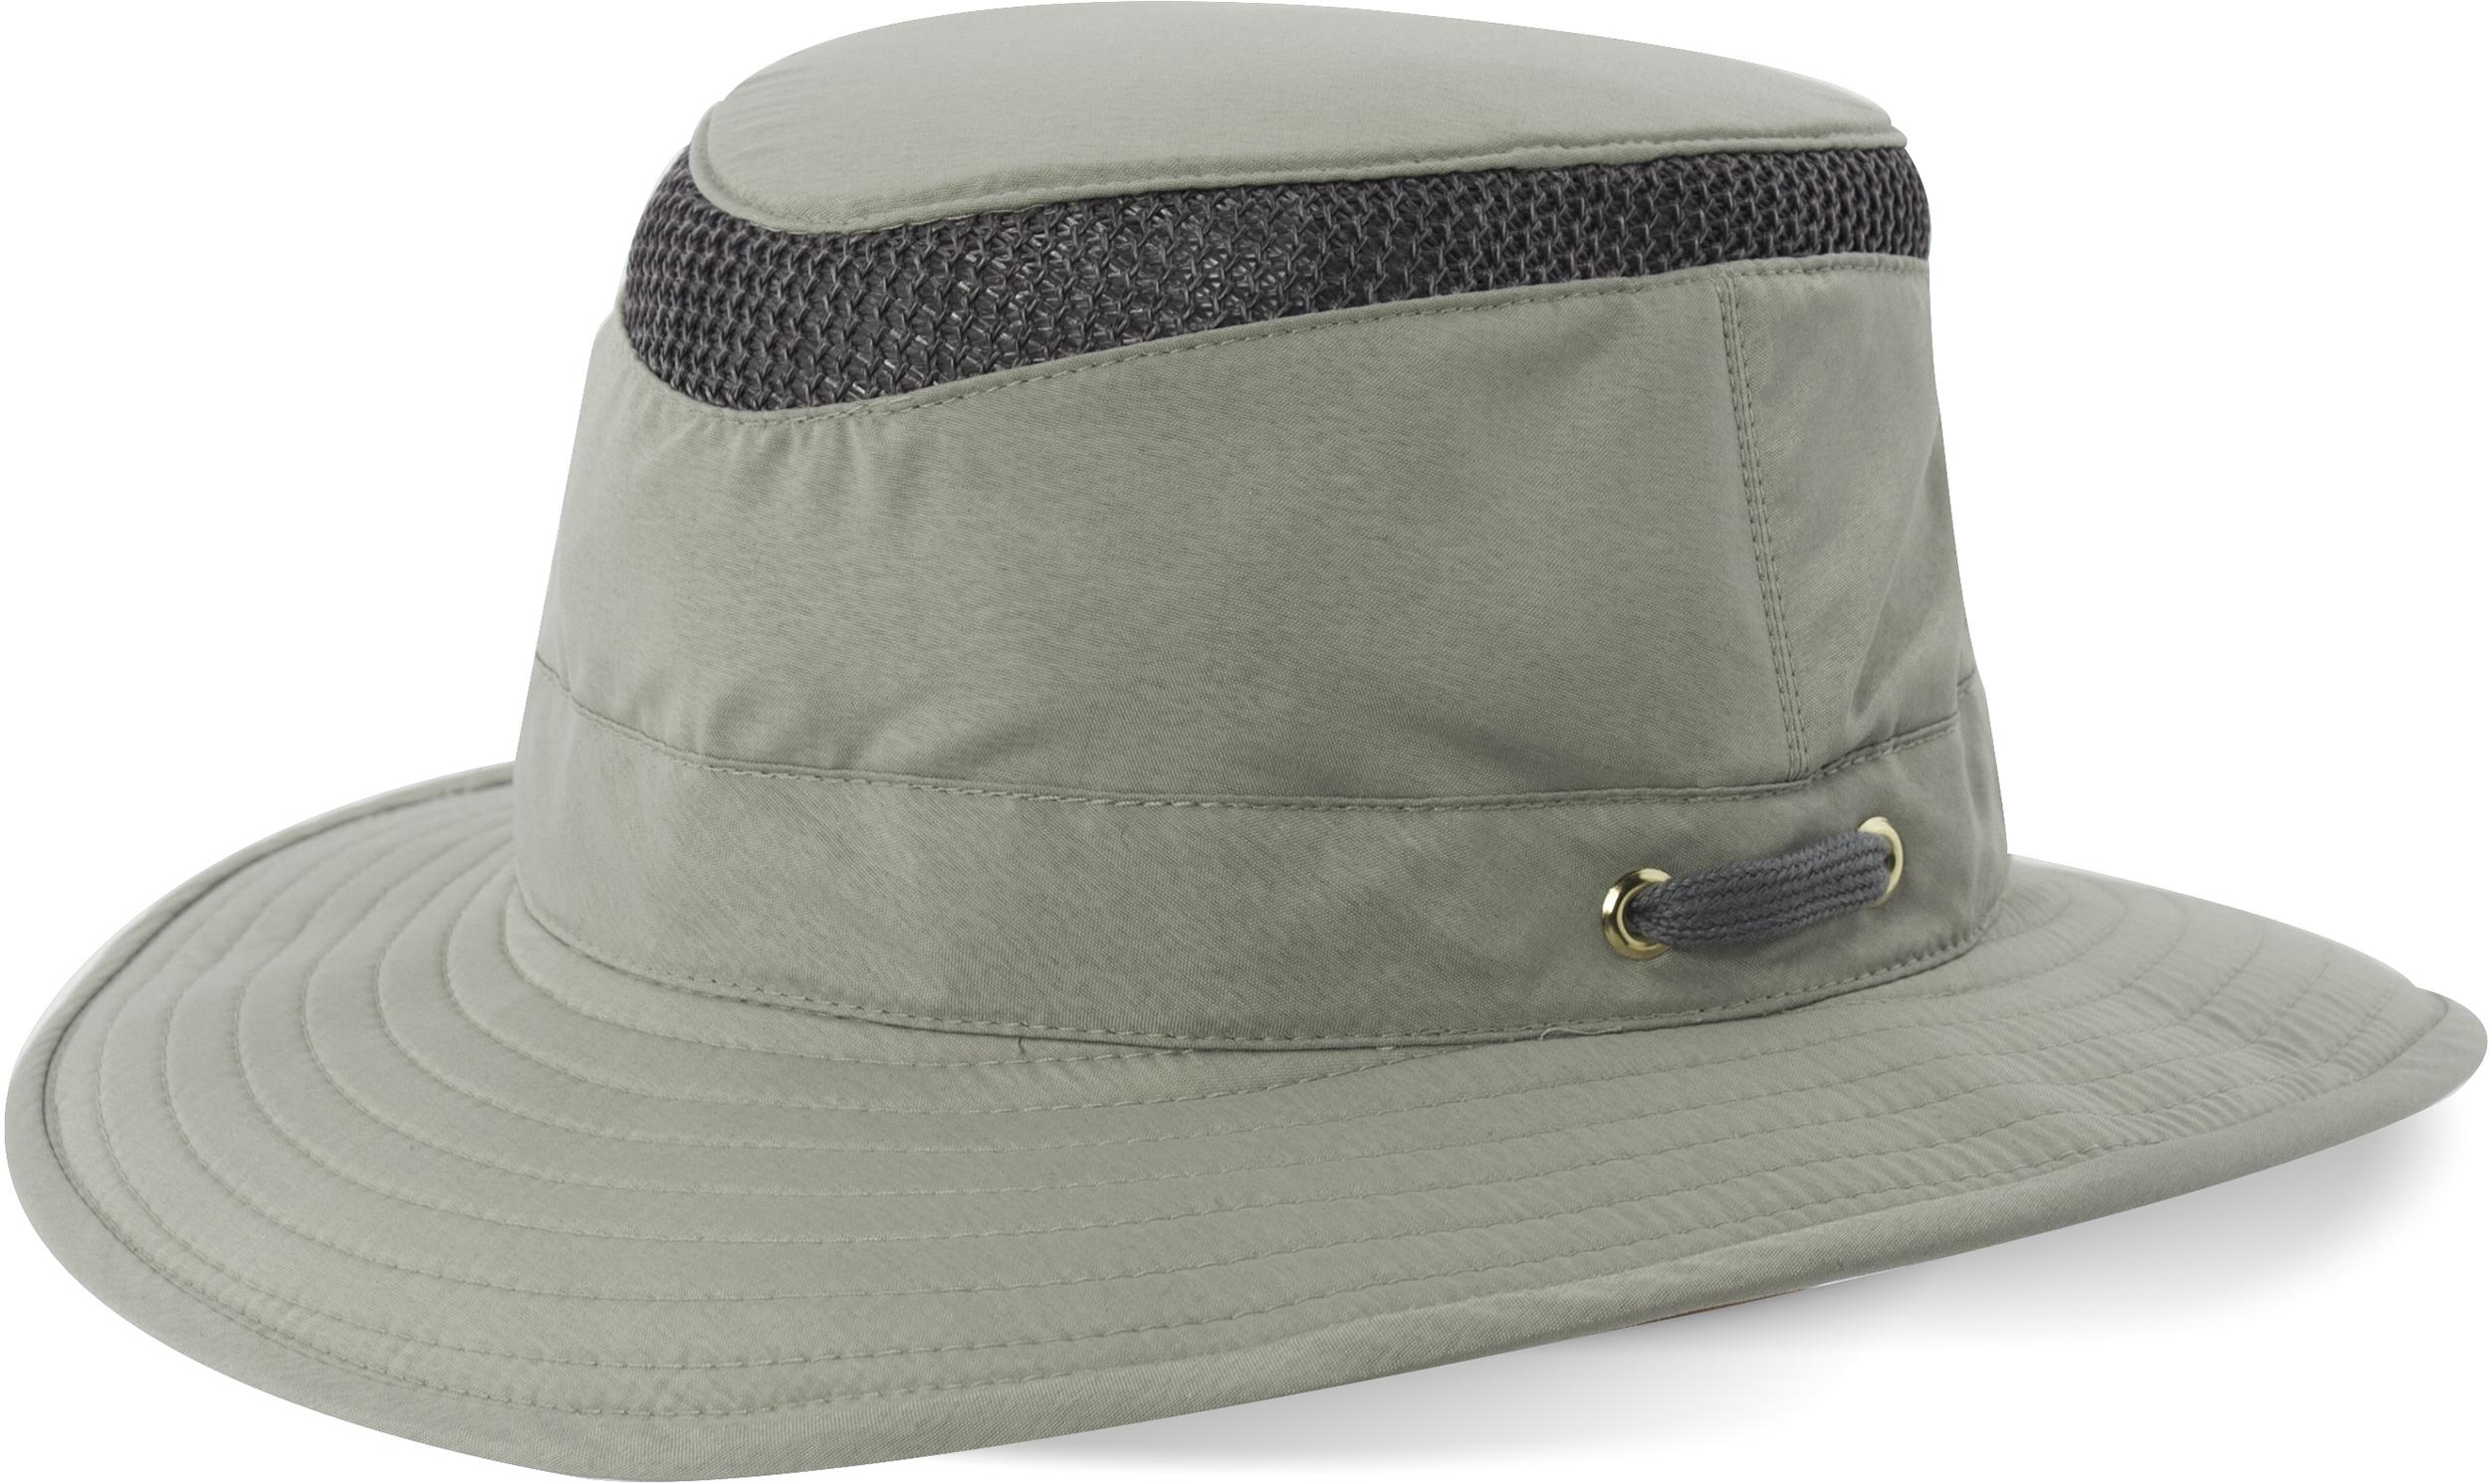 507732296f9a3 Men s Hats and toques